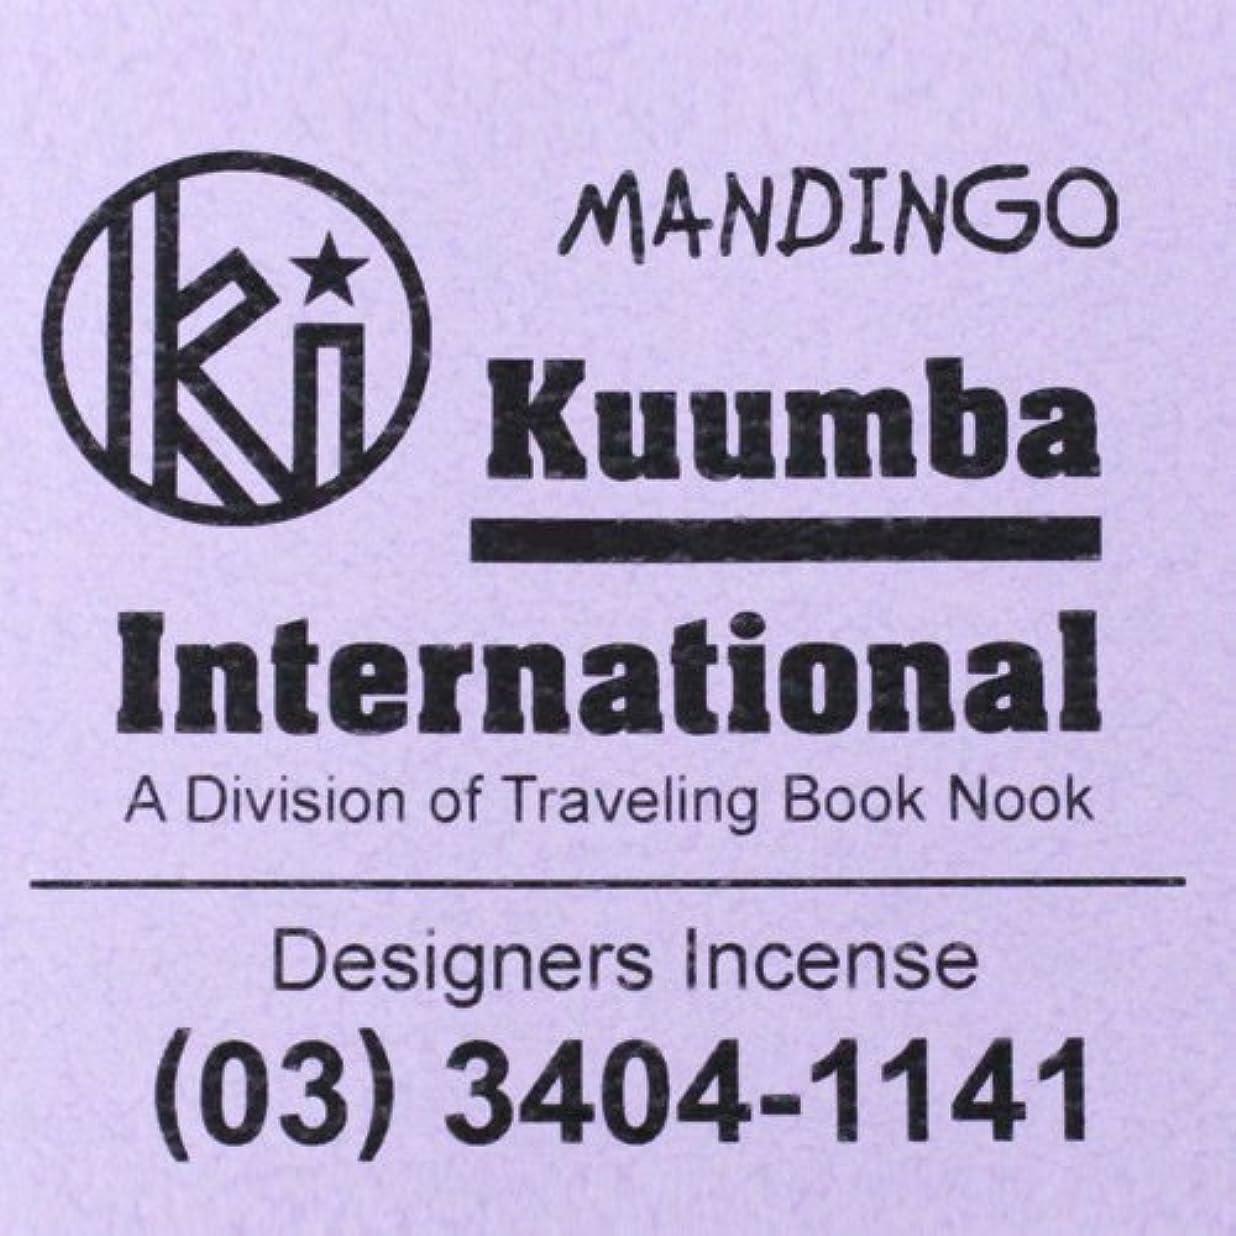 禁止する既婚お茶(クンバ) KUUMBA『incense』(MANDINGO) (Regular size)